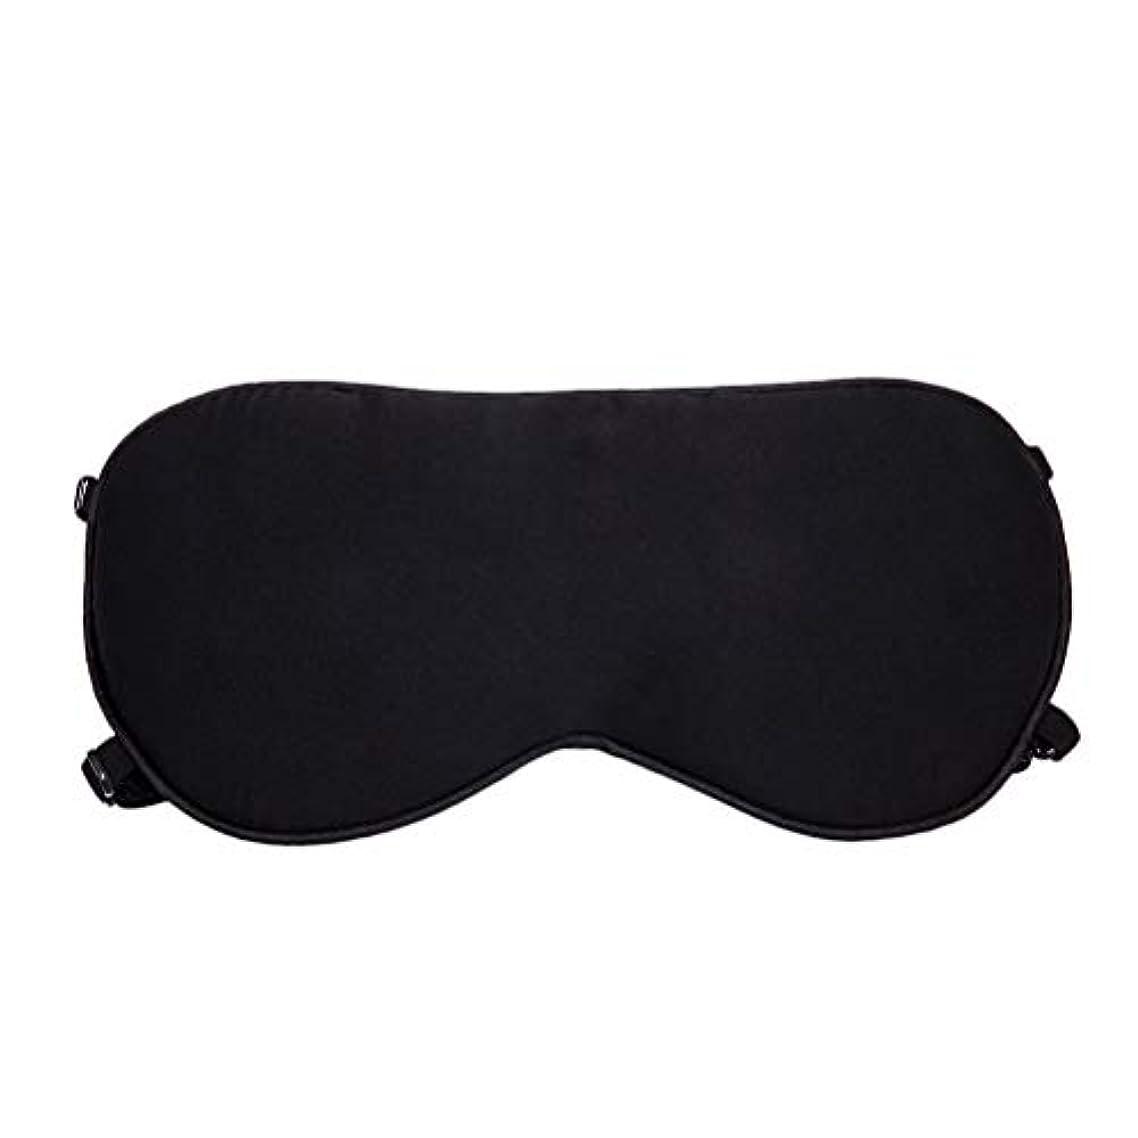 。家族スペードHealifty 調節可能なストラップ付きスリープアイマスク通気性目隠しシェーディングアイパッチ(ブラック)